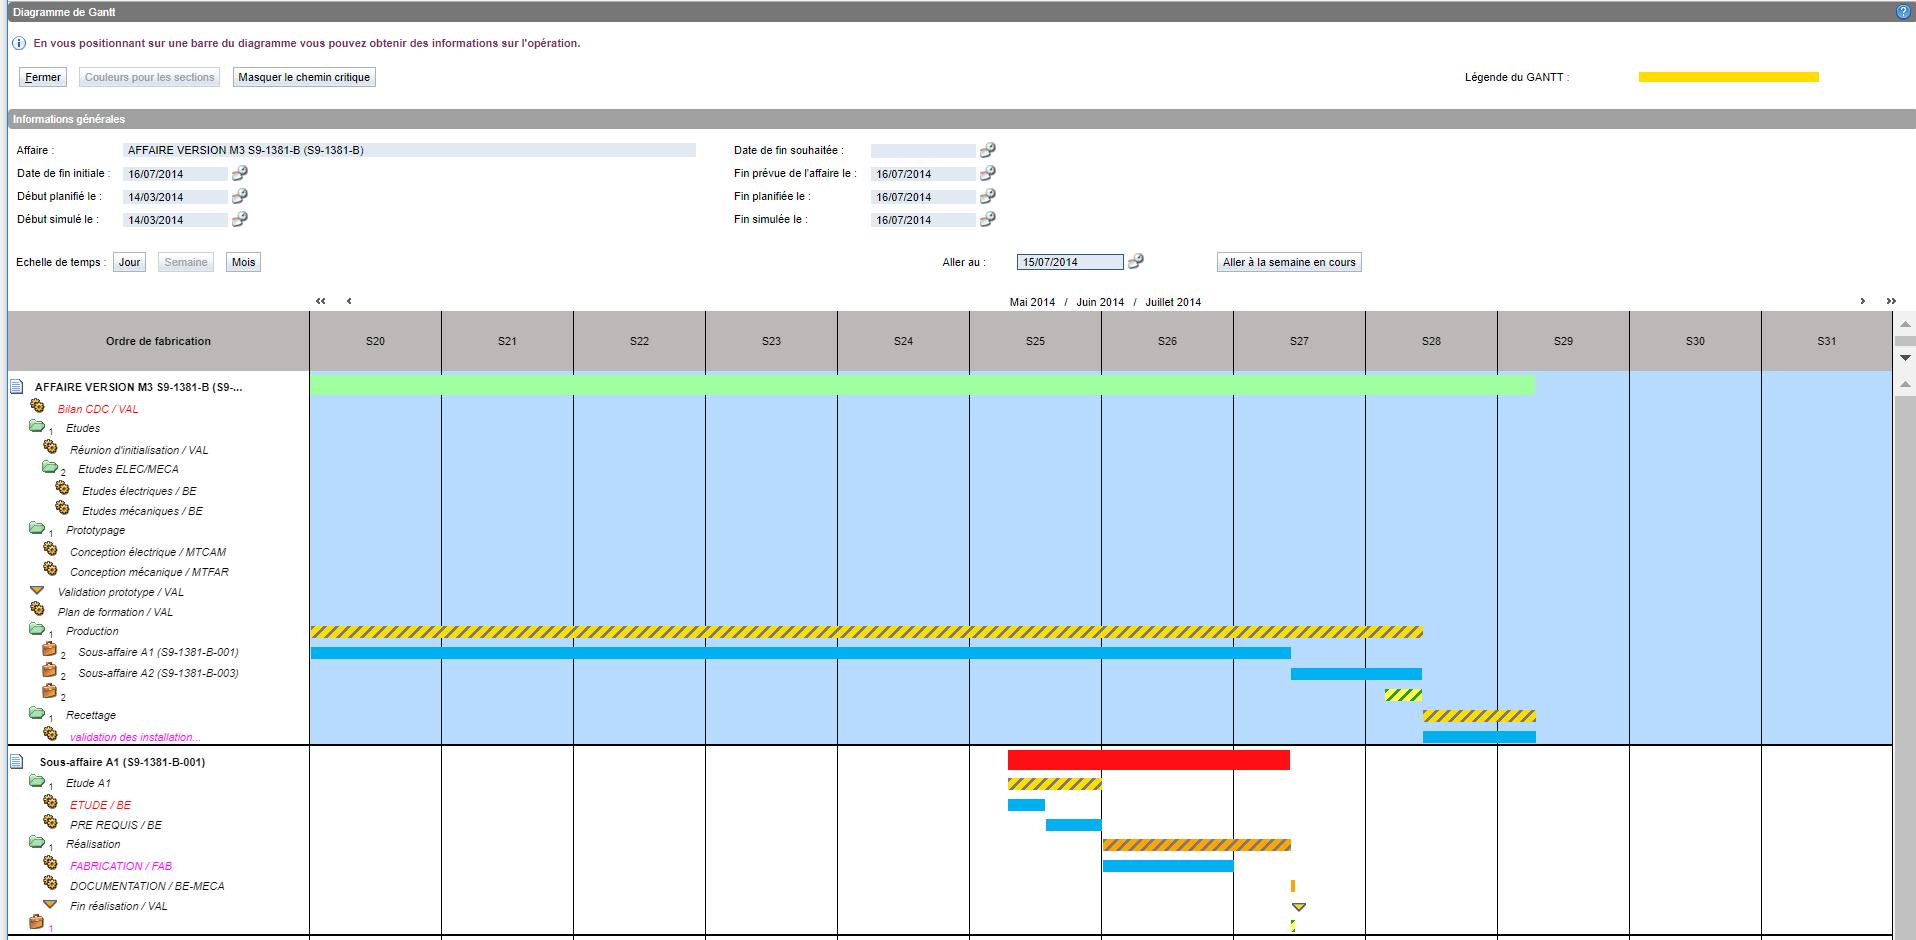 La gestion d'affaires permet de piloter chaque affaire phase par phase grâce à un outil GANTT.